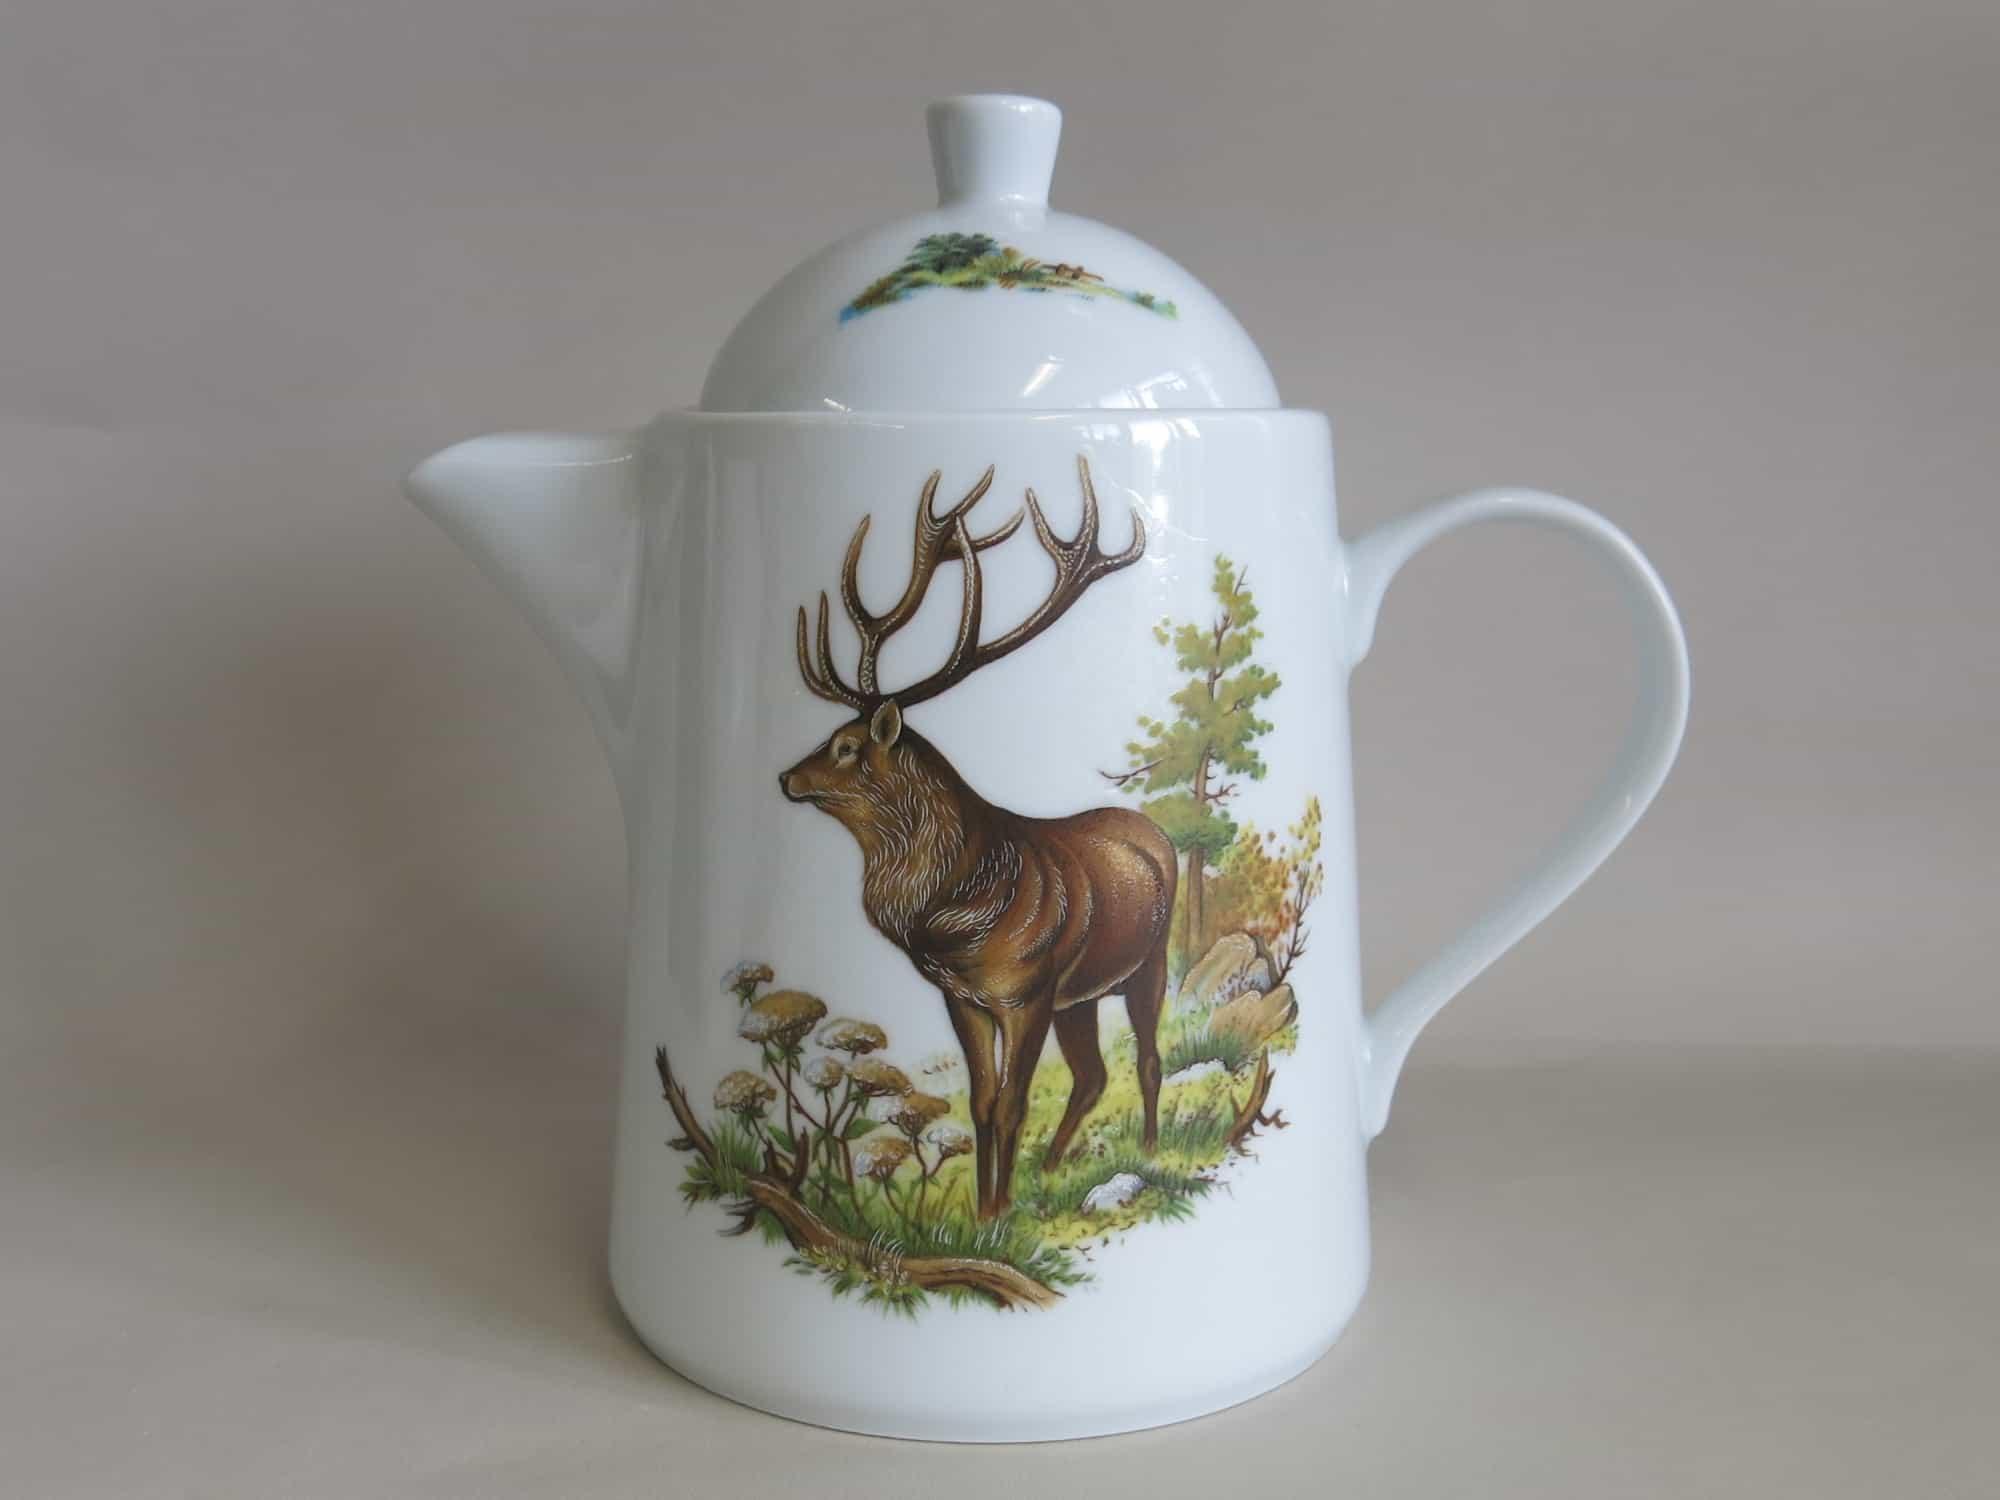 Moderne Porzellan Teekanne Opty mit Jagdmotiv Hirsch